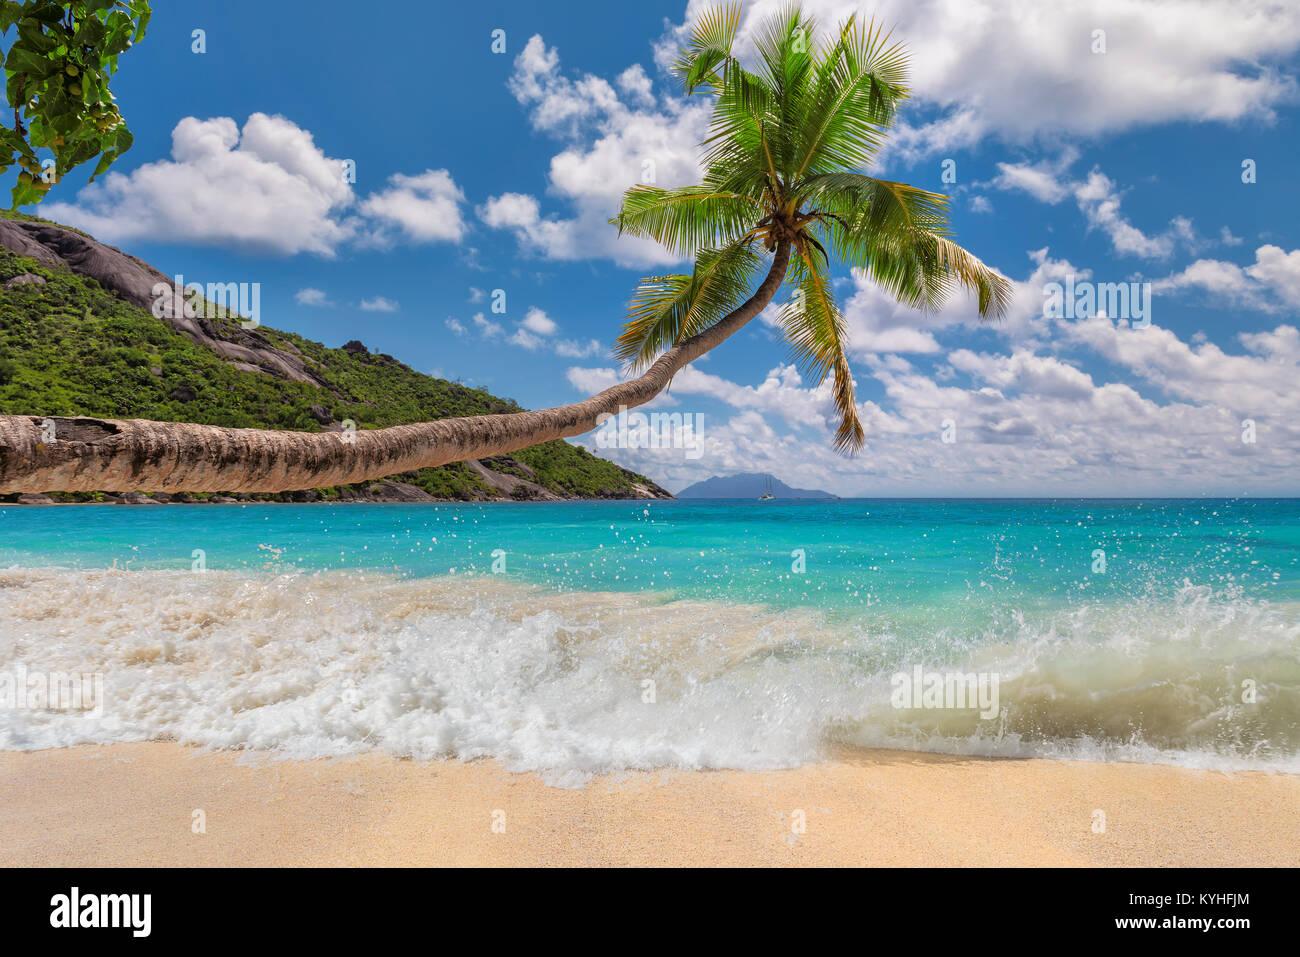 Spiaggia sabbiosa tropicale con Palm tree. Immagini Stock